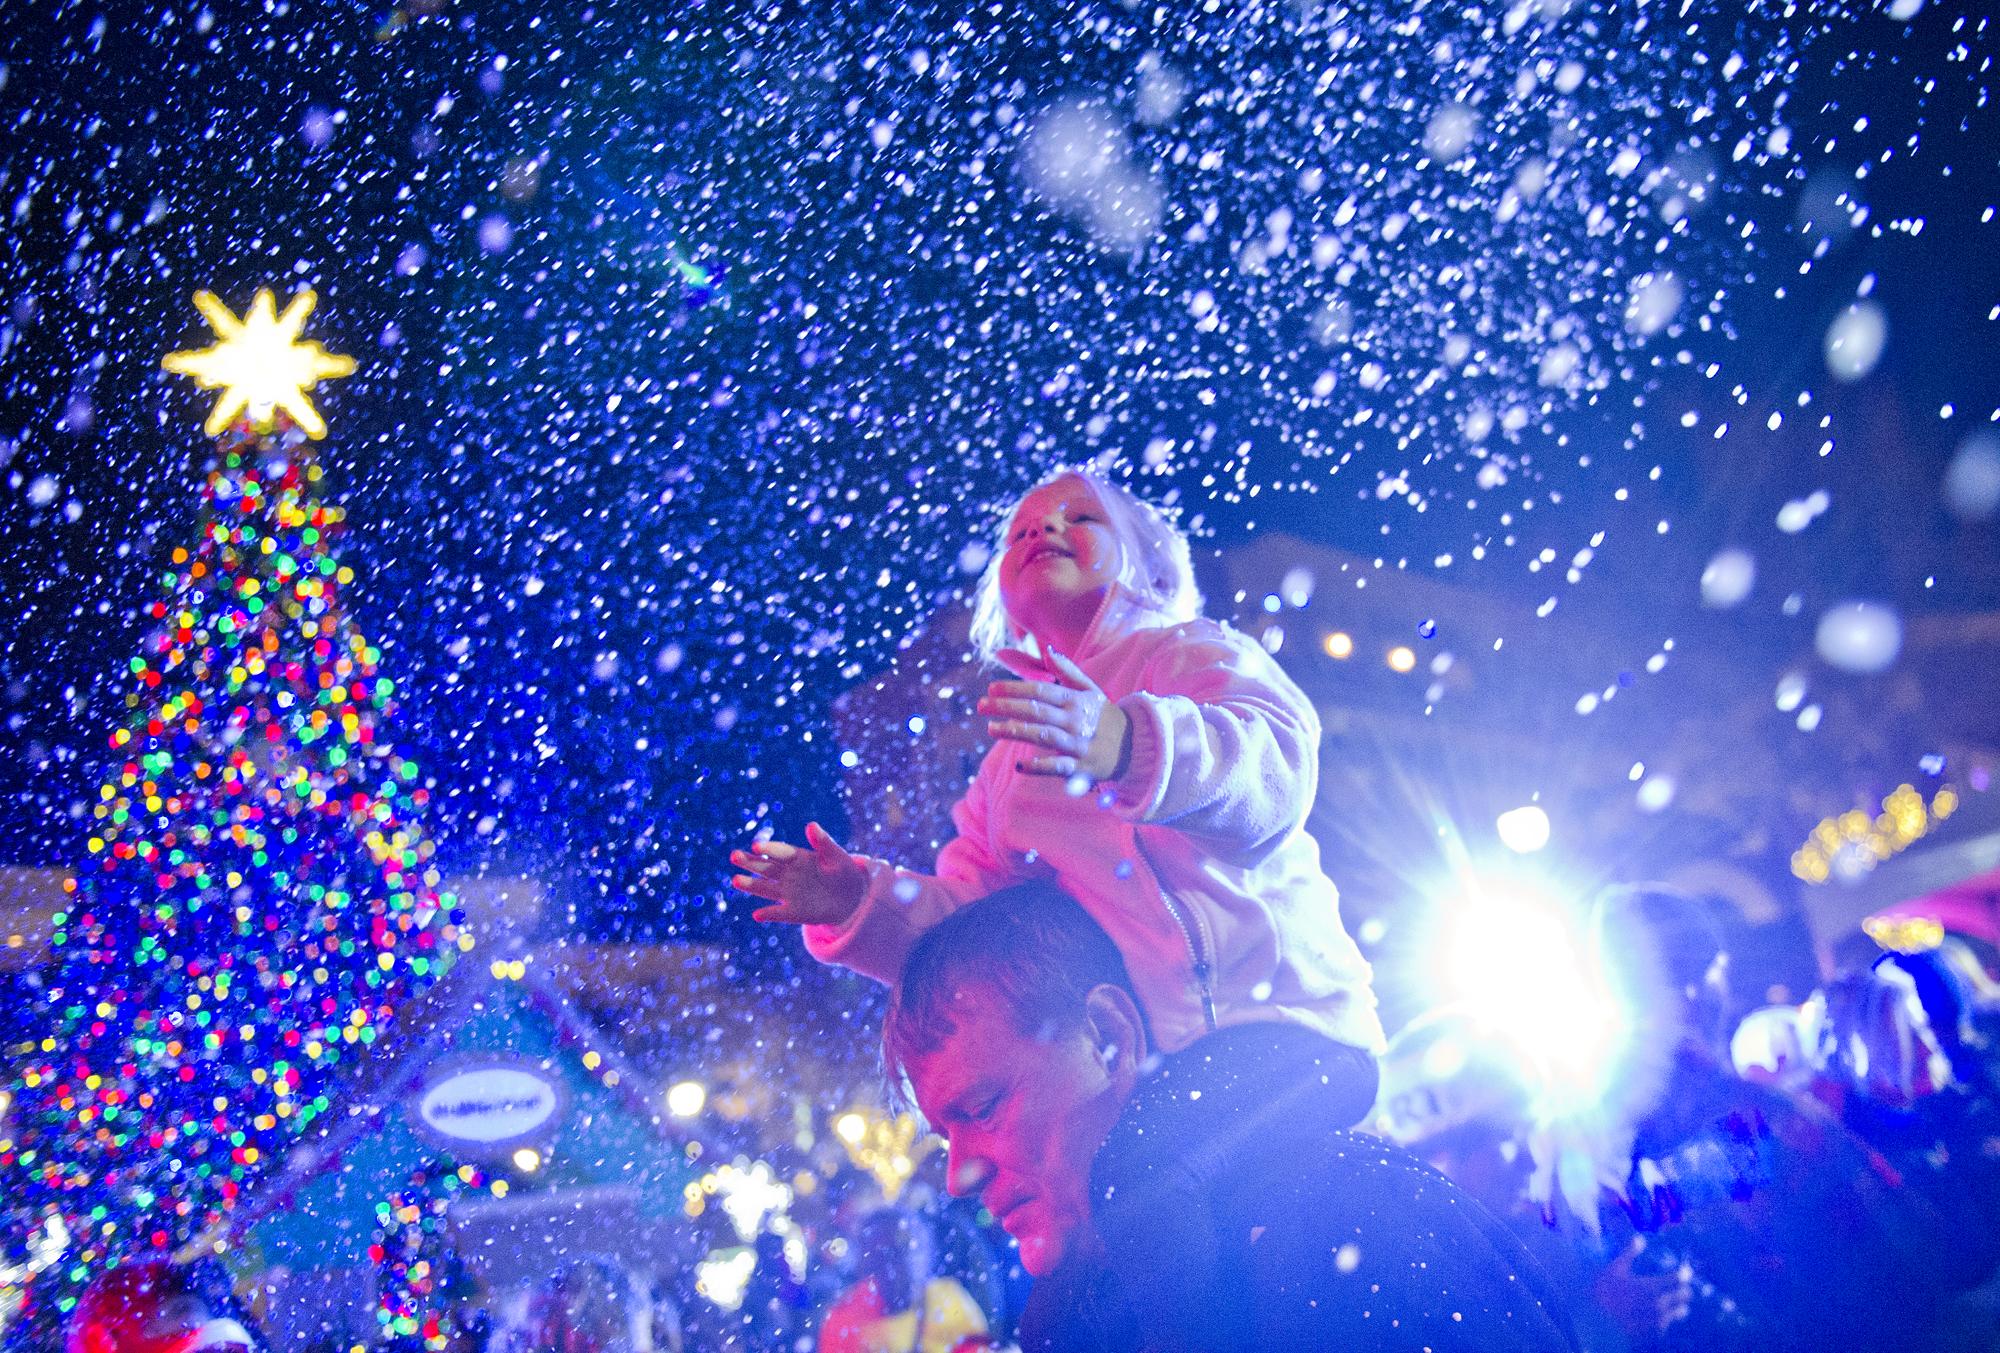 Your guide to Christmas tree lighting events around metro Atlanta